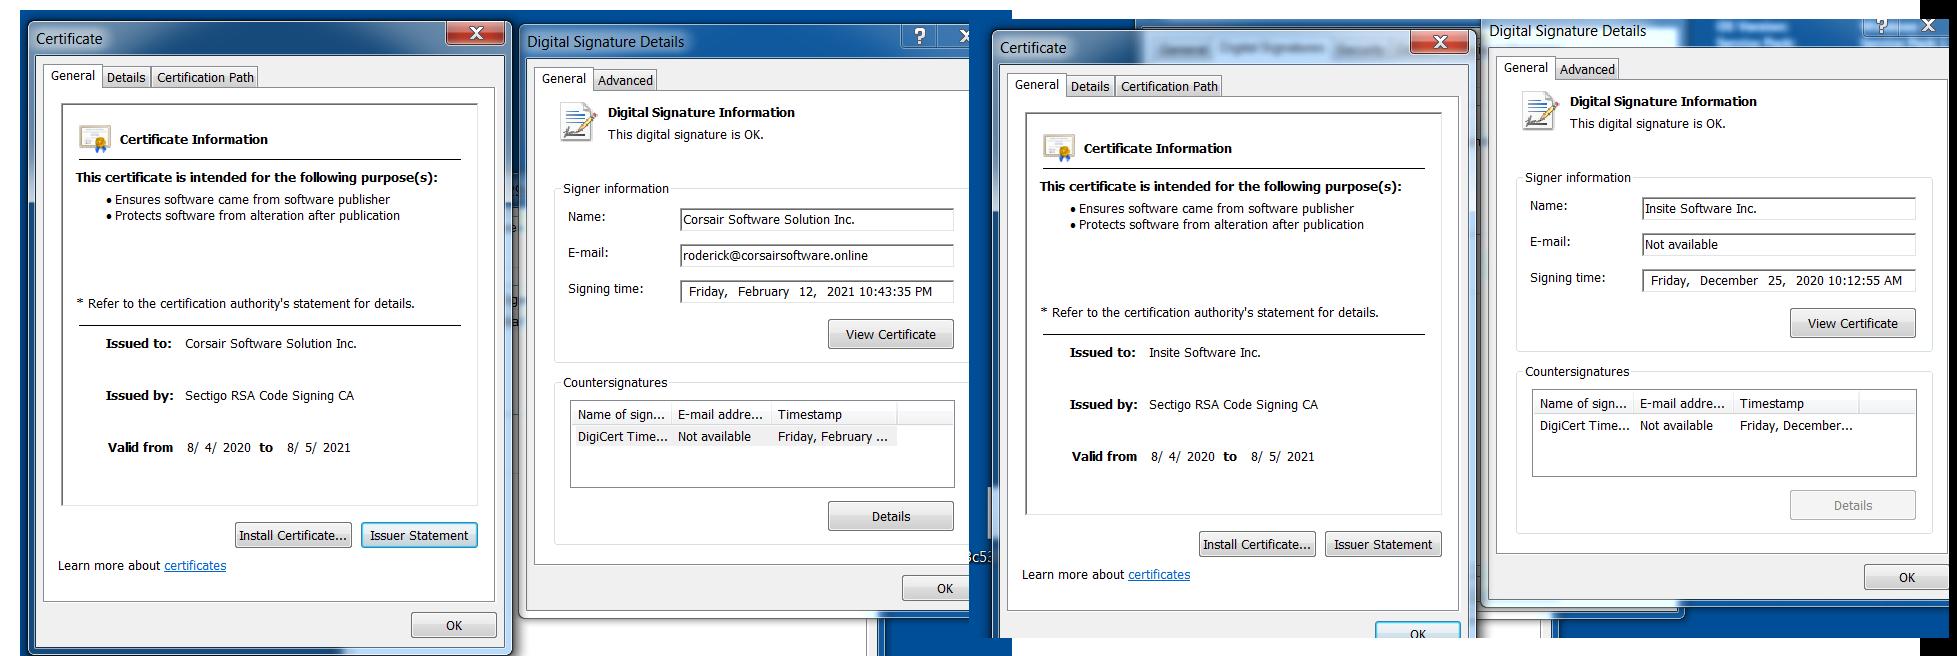 Clopランサムウェアはコード署名を利用して検出を回避する。この画像は、調査中に観測した2名の署名者を示している